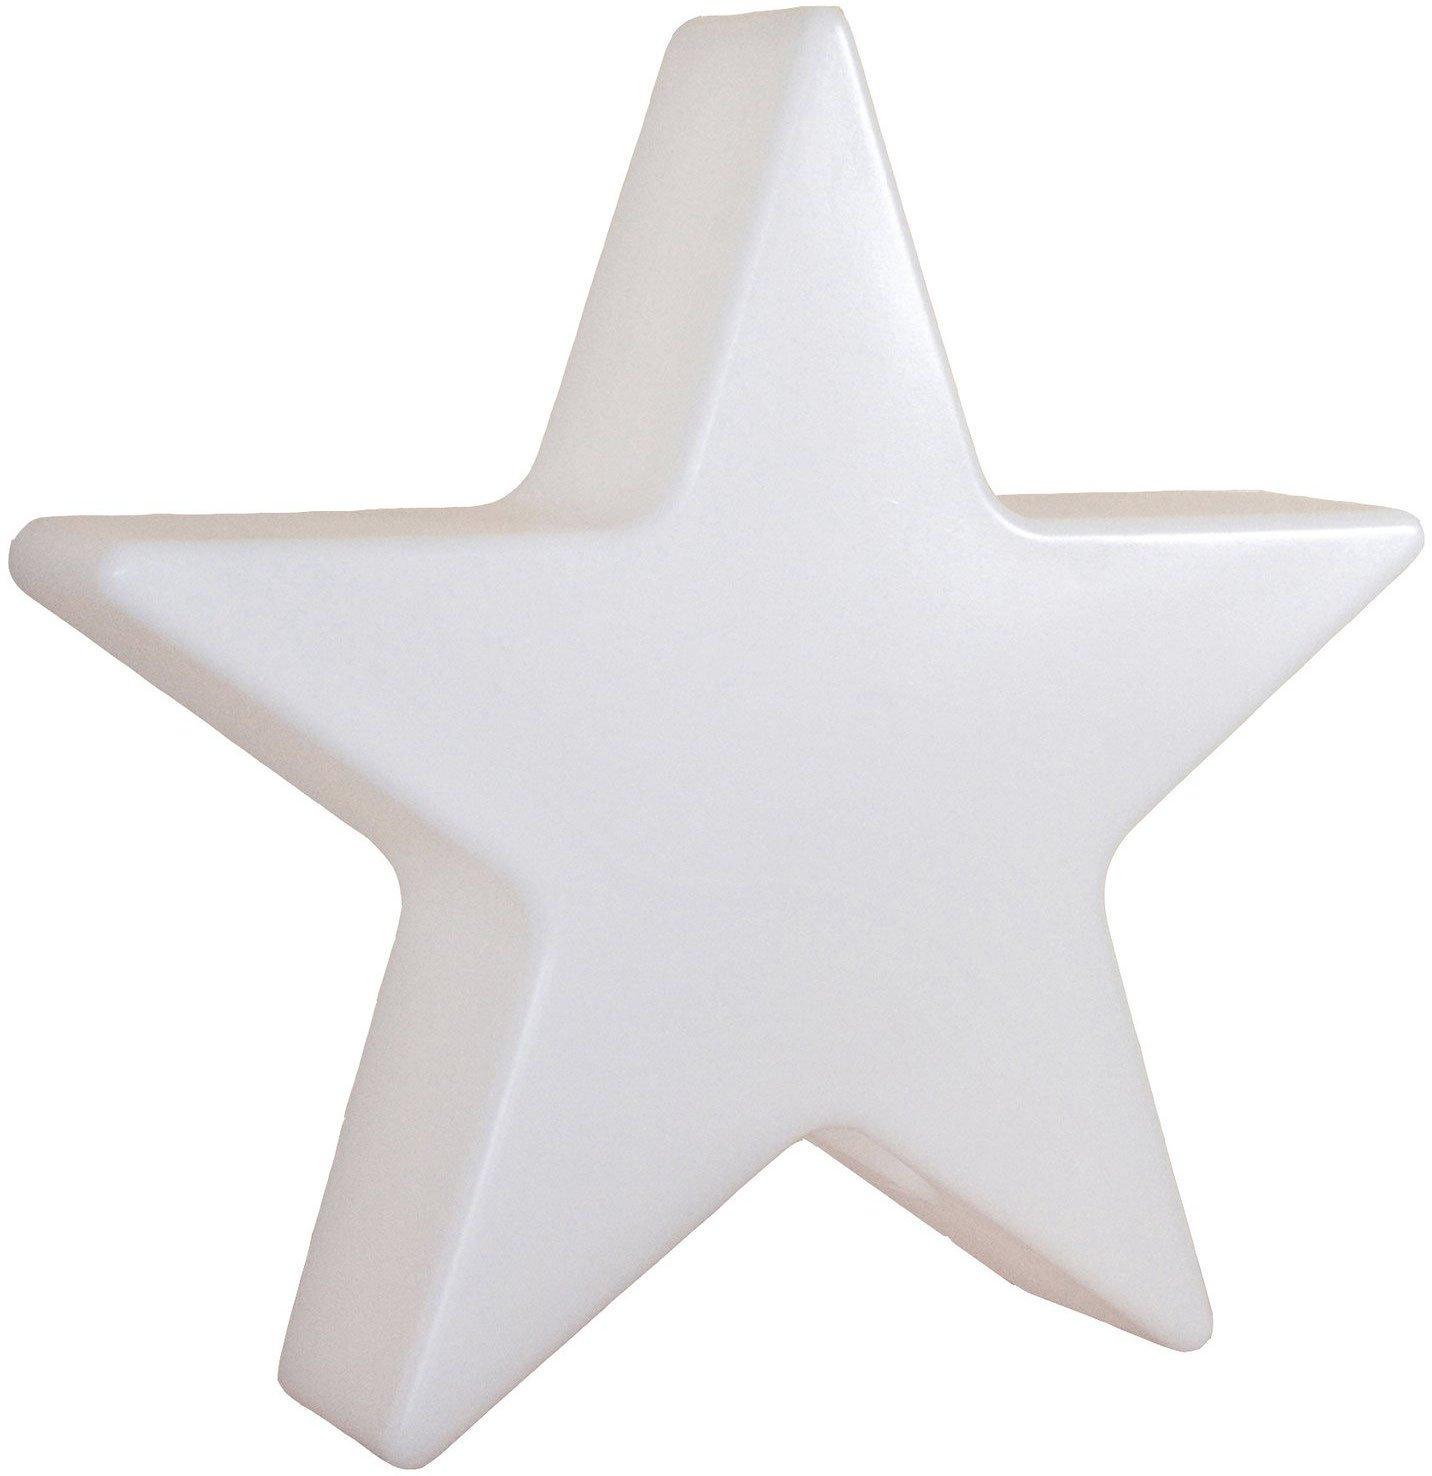 Weihnachtsbeleuchtung Aussen Stern Preise.8 Seasons Shining Star 100 Cm